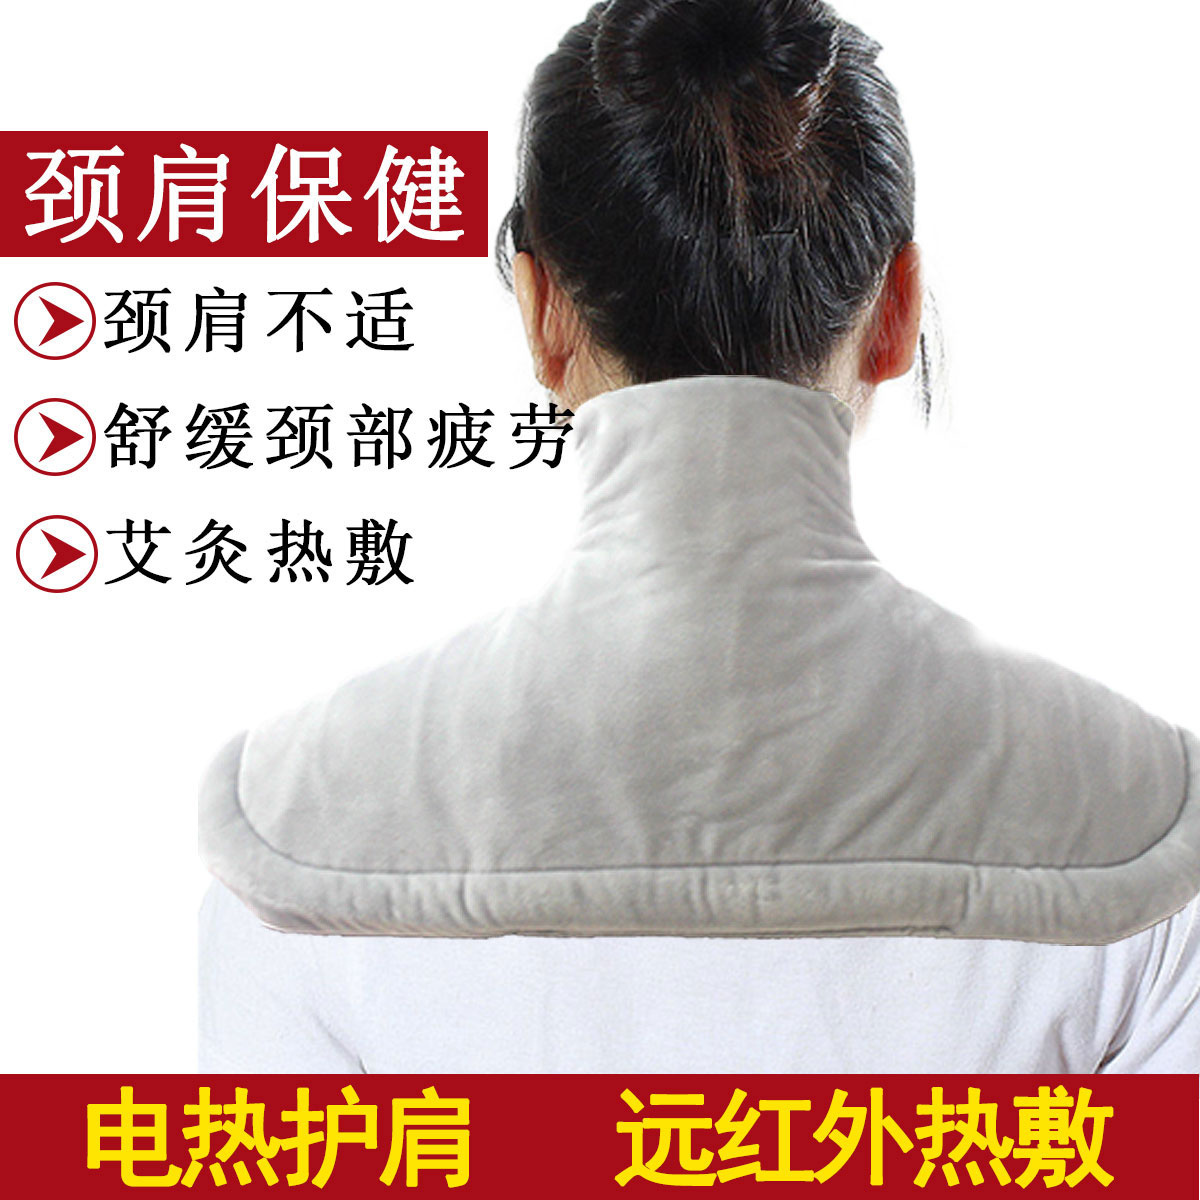 电热艾灸护颈护肩发热保暖护肩带颈椎肩膀肩周中老年人男女士理疗